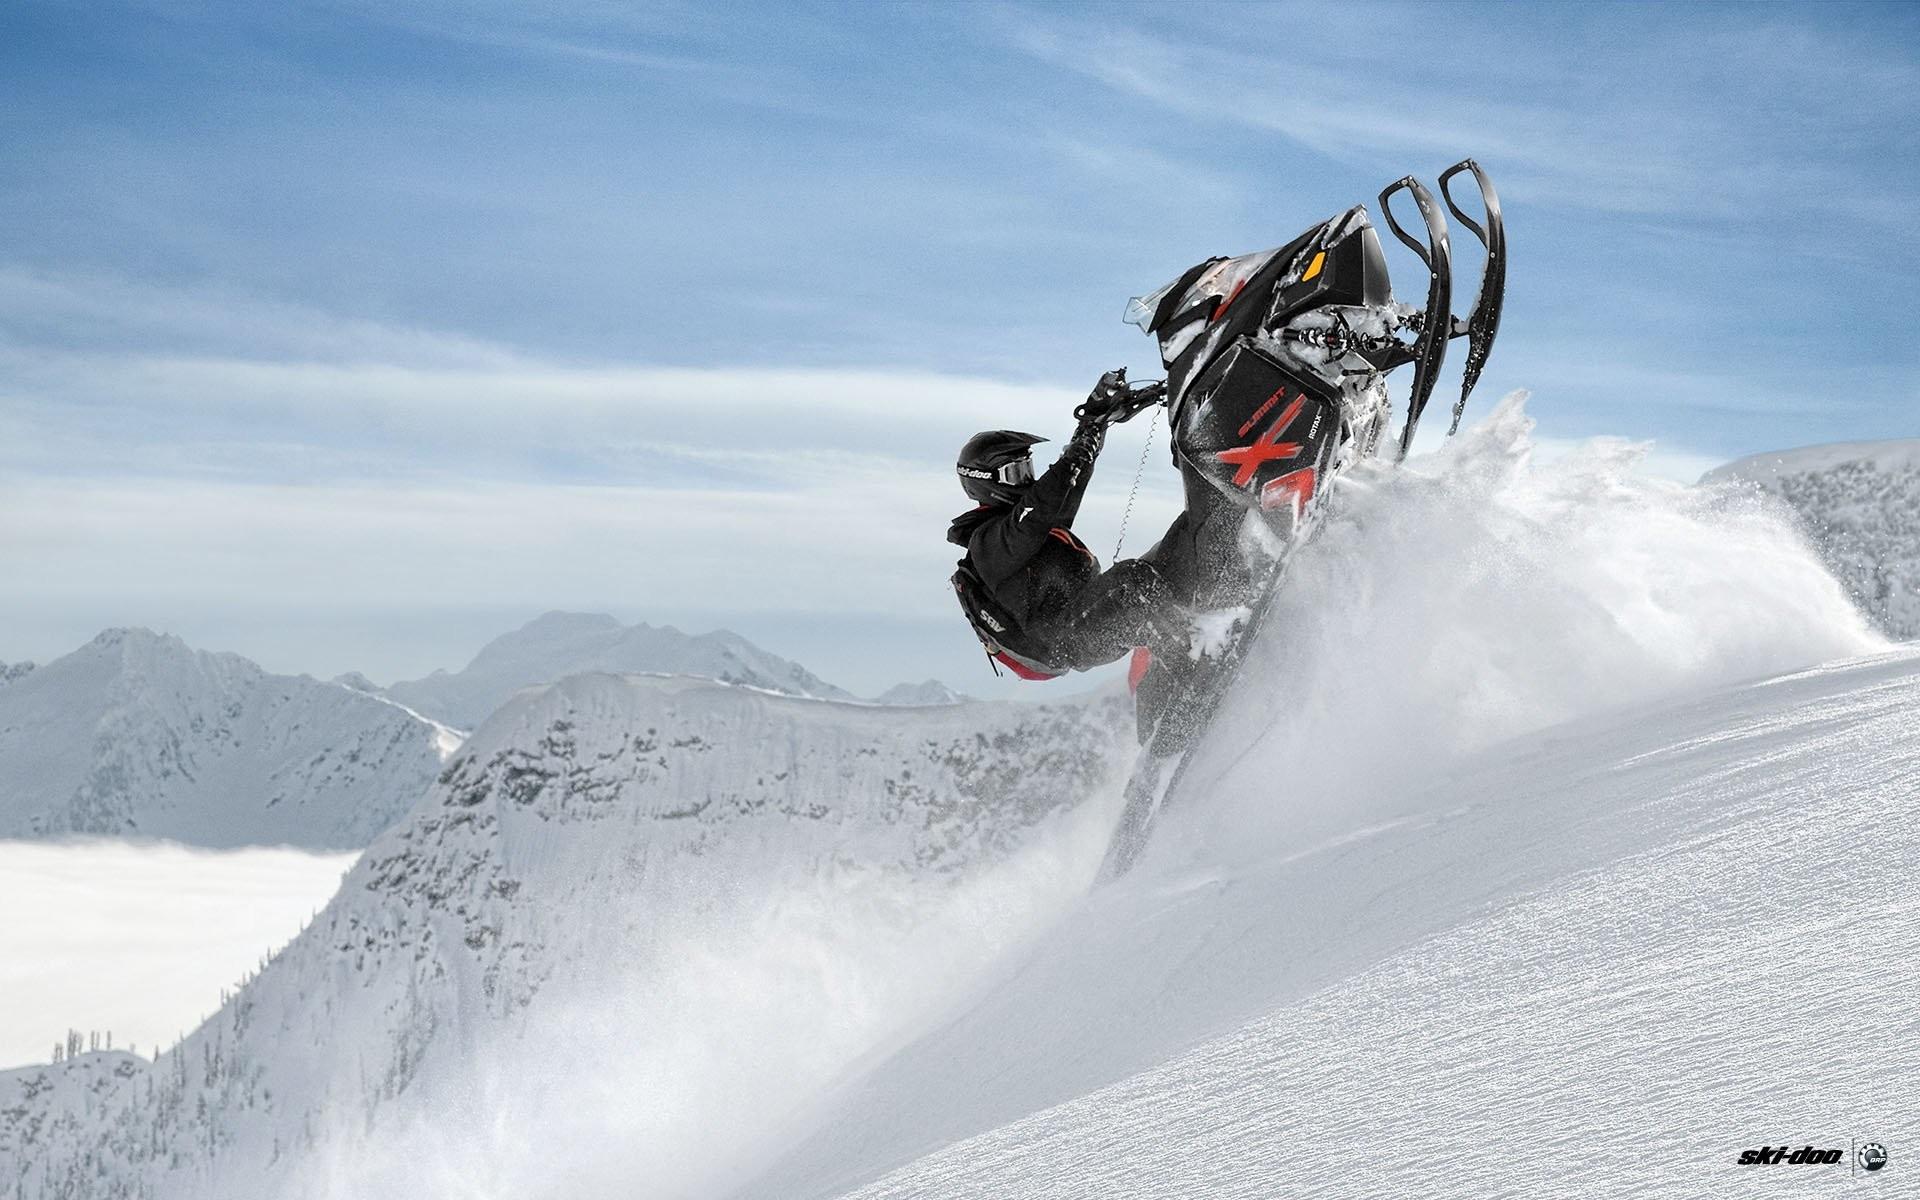 Arctic Cat Snowmobile Ski Skins